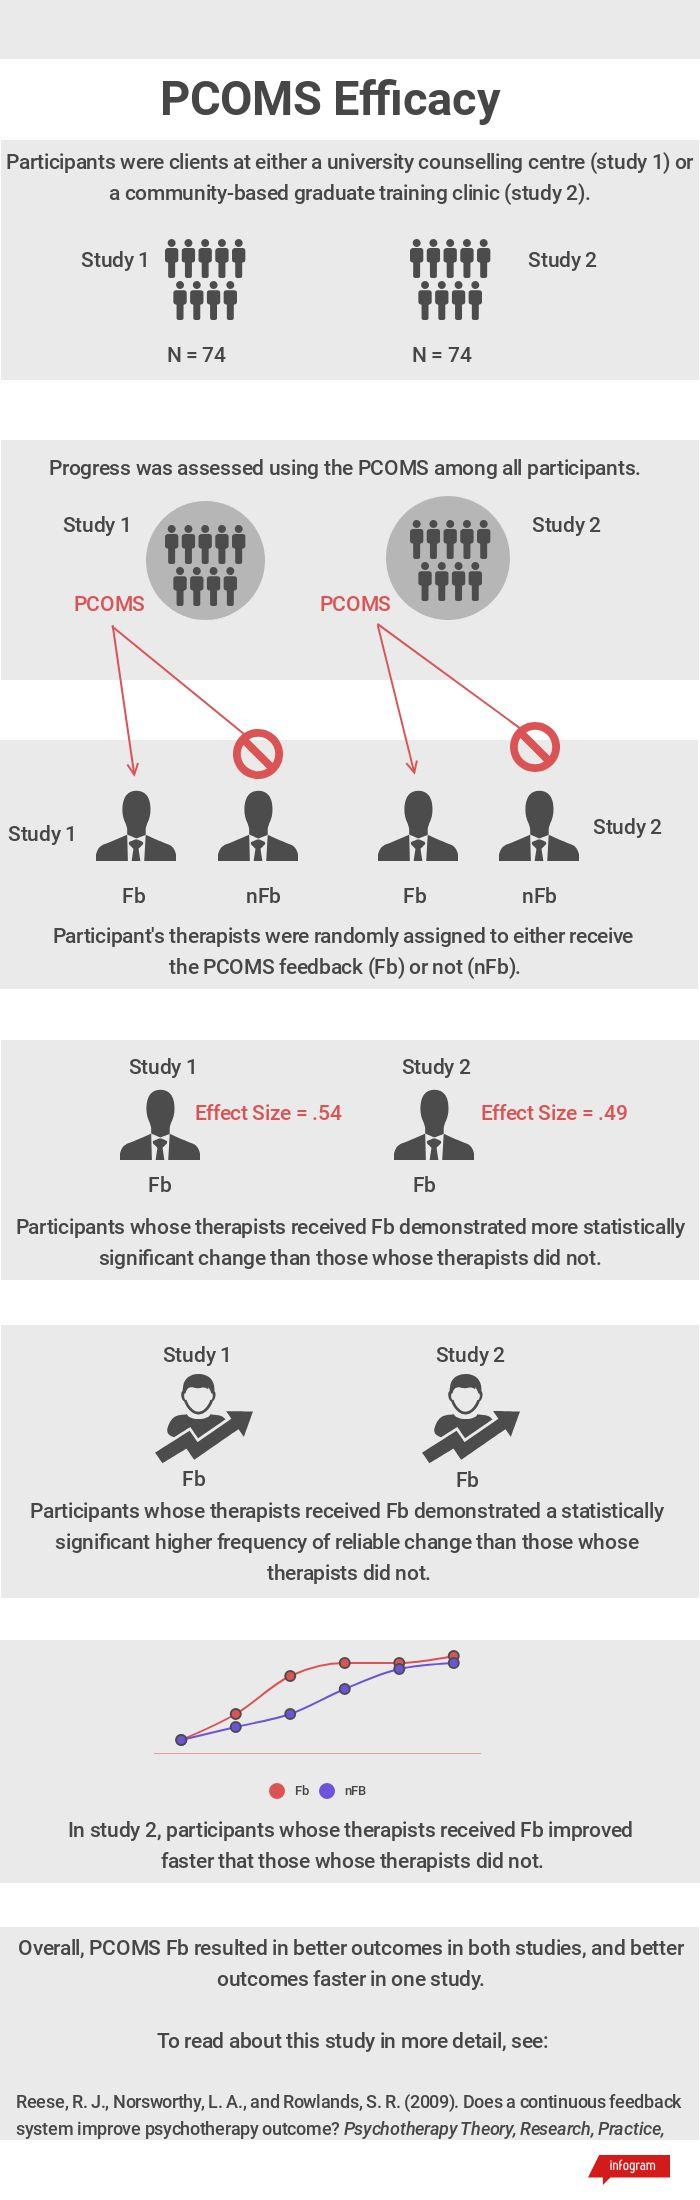 PCOMS Efficacy.jpg